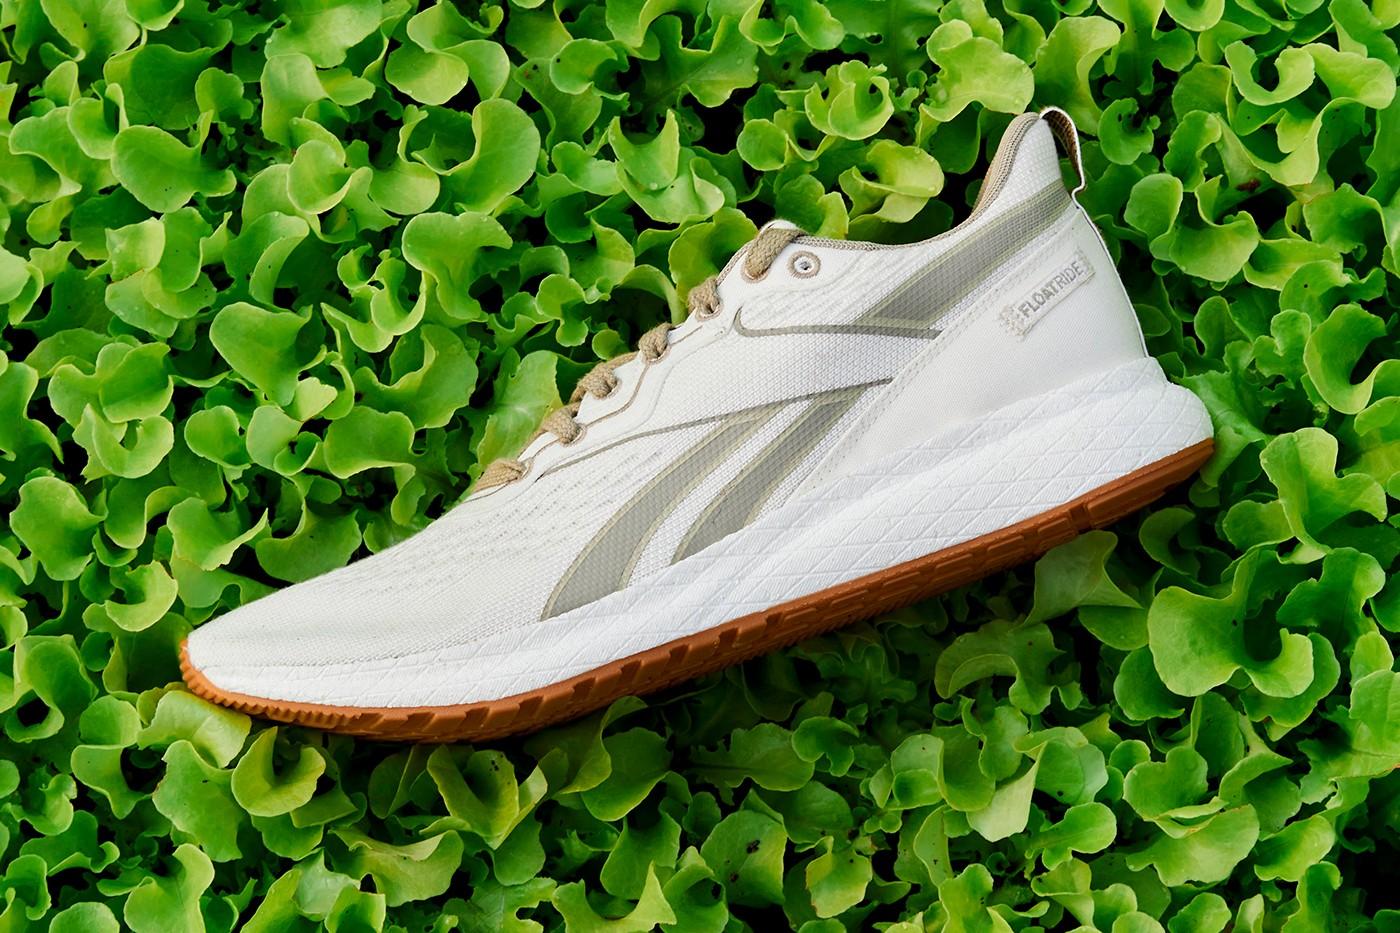 Reebok створила кросівки з рицини, евкаліптового дерева та водоростей